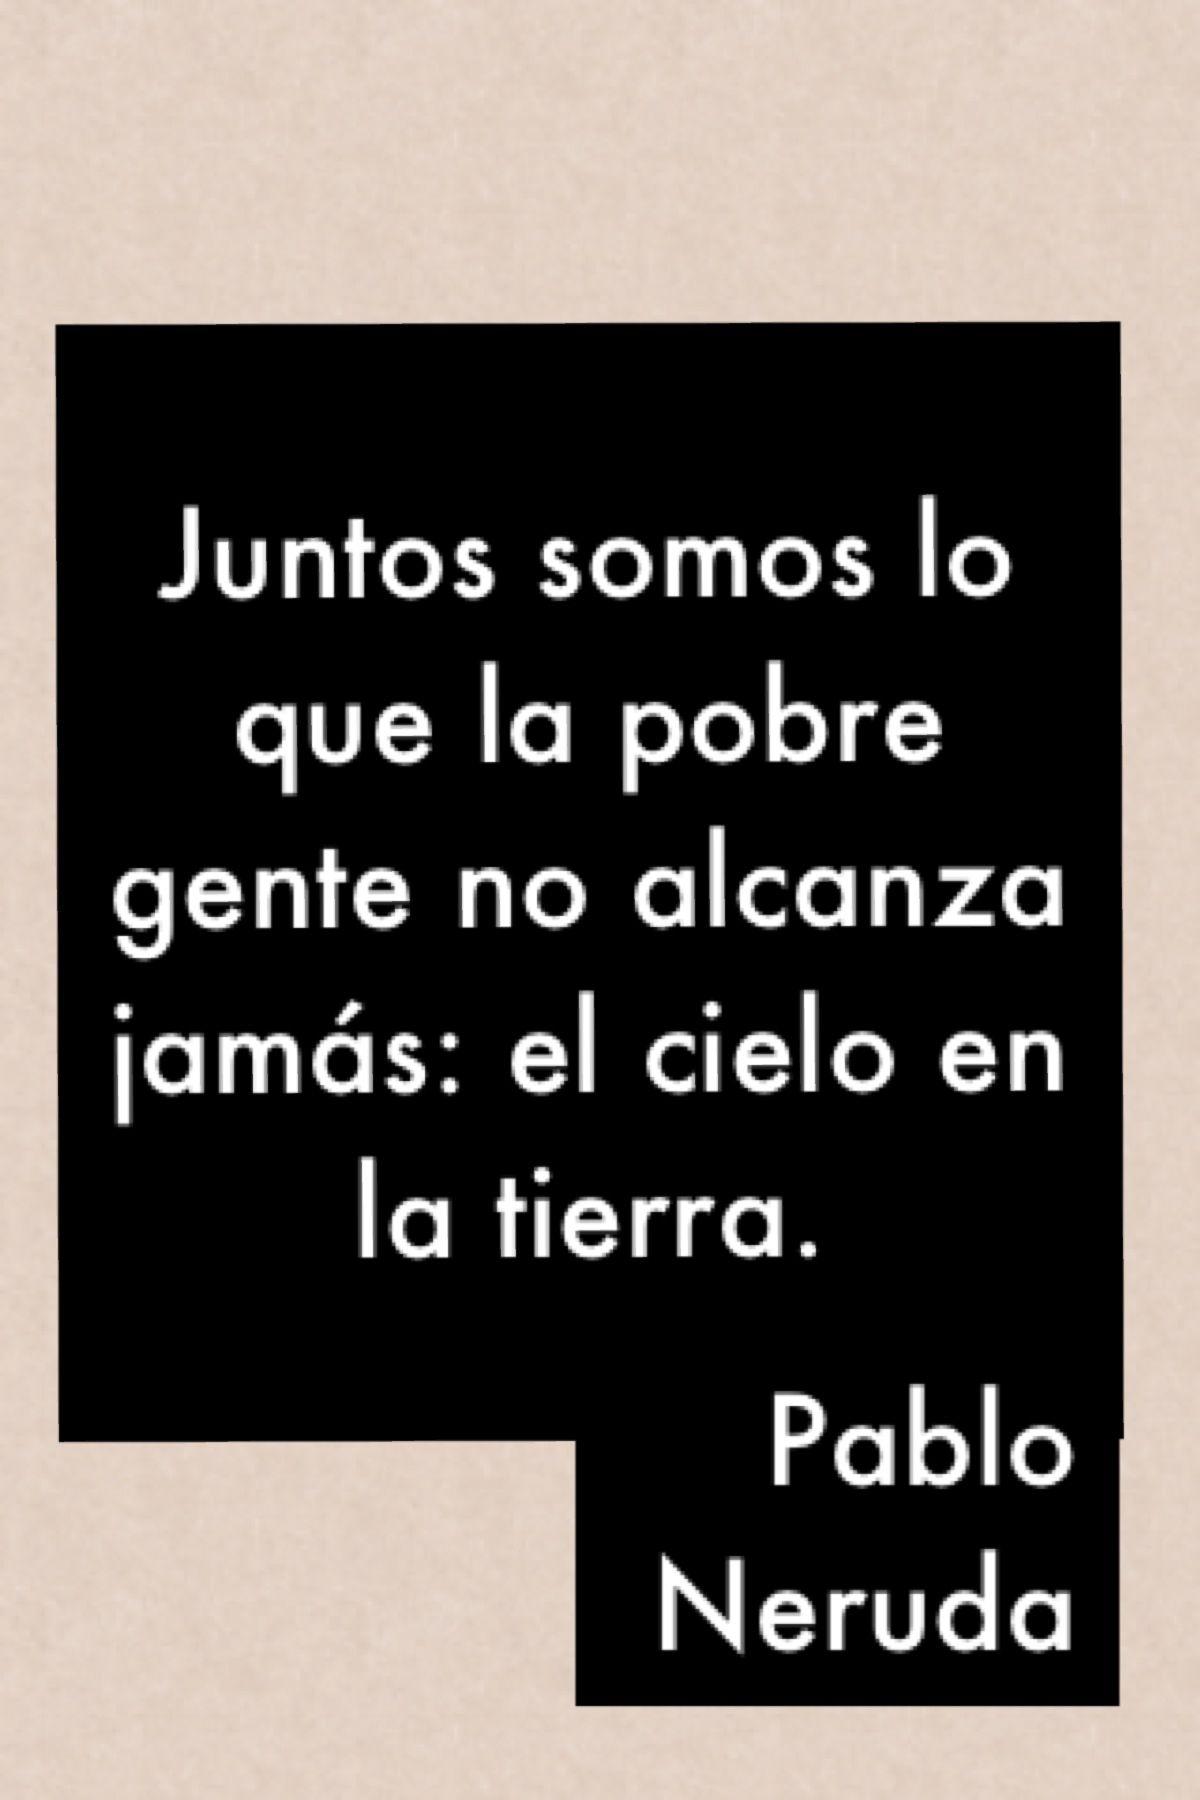 Pablo Neruda Imágenes Pinterest Frases Poesía Y Citas